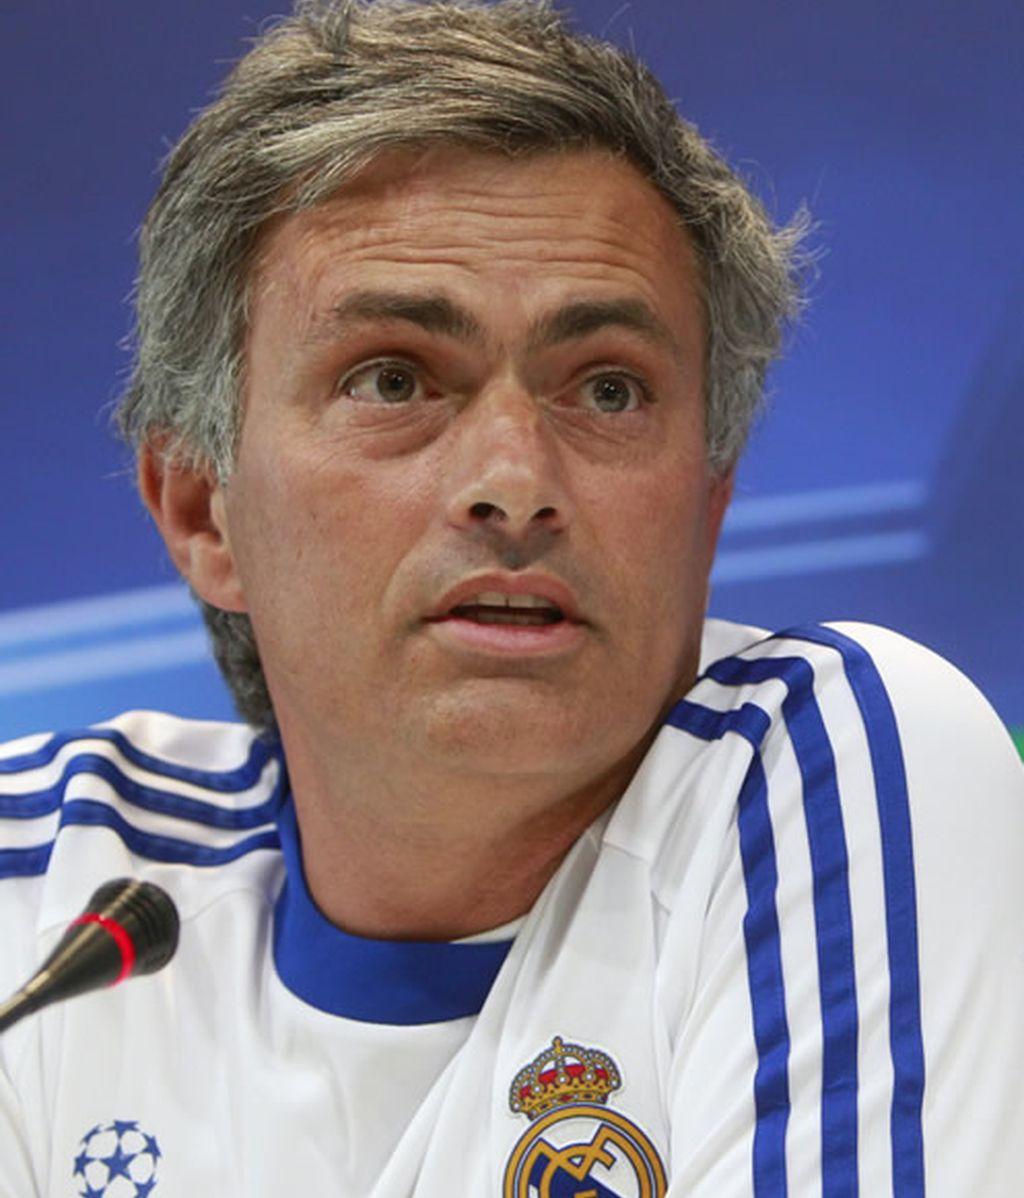 Mourinho no irá a Portugal